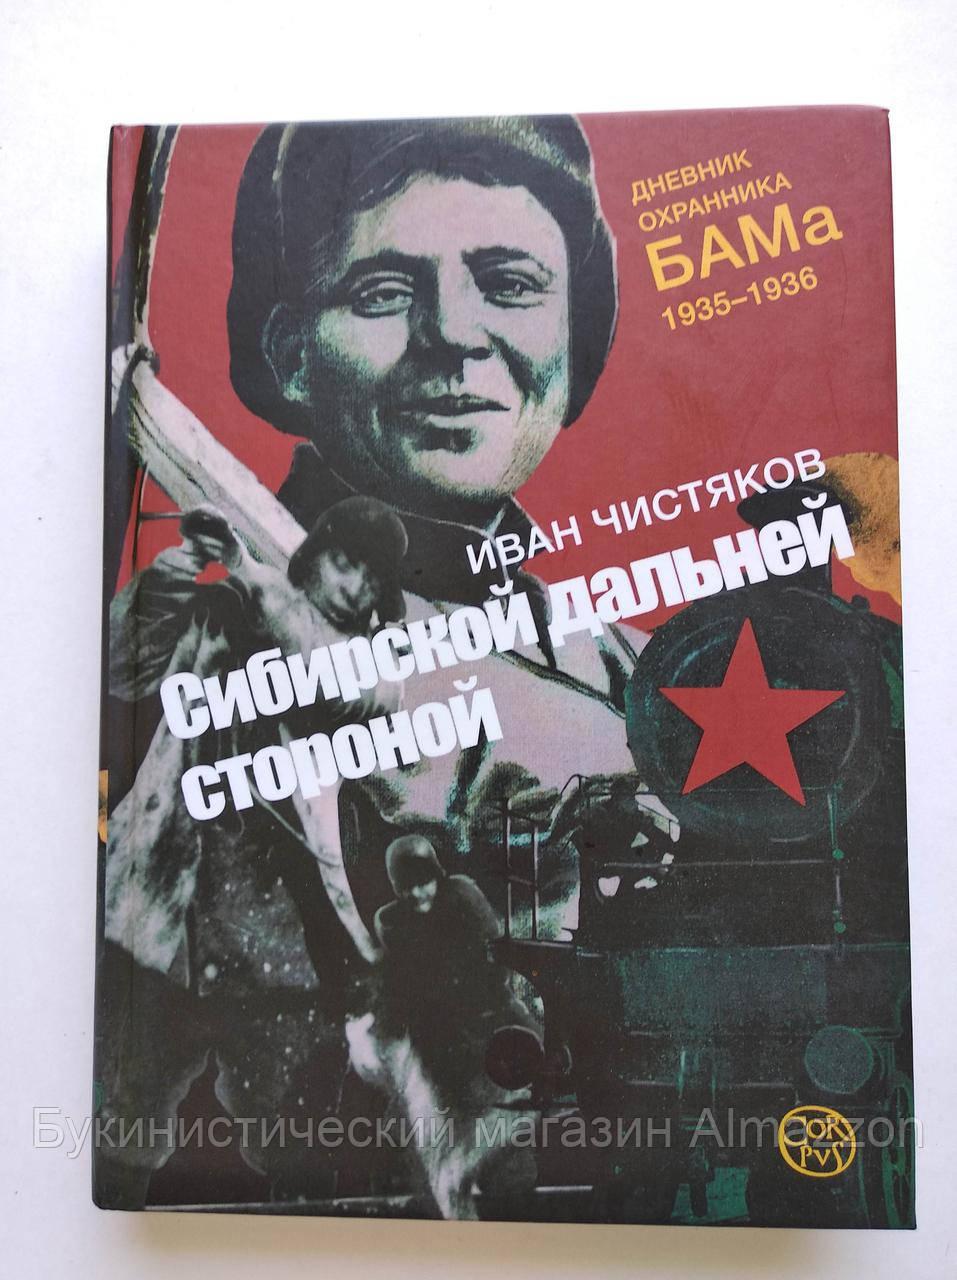 Иван Чистяков Сибирской дальней стороной дневник охранника БАМА 1935-1936 года